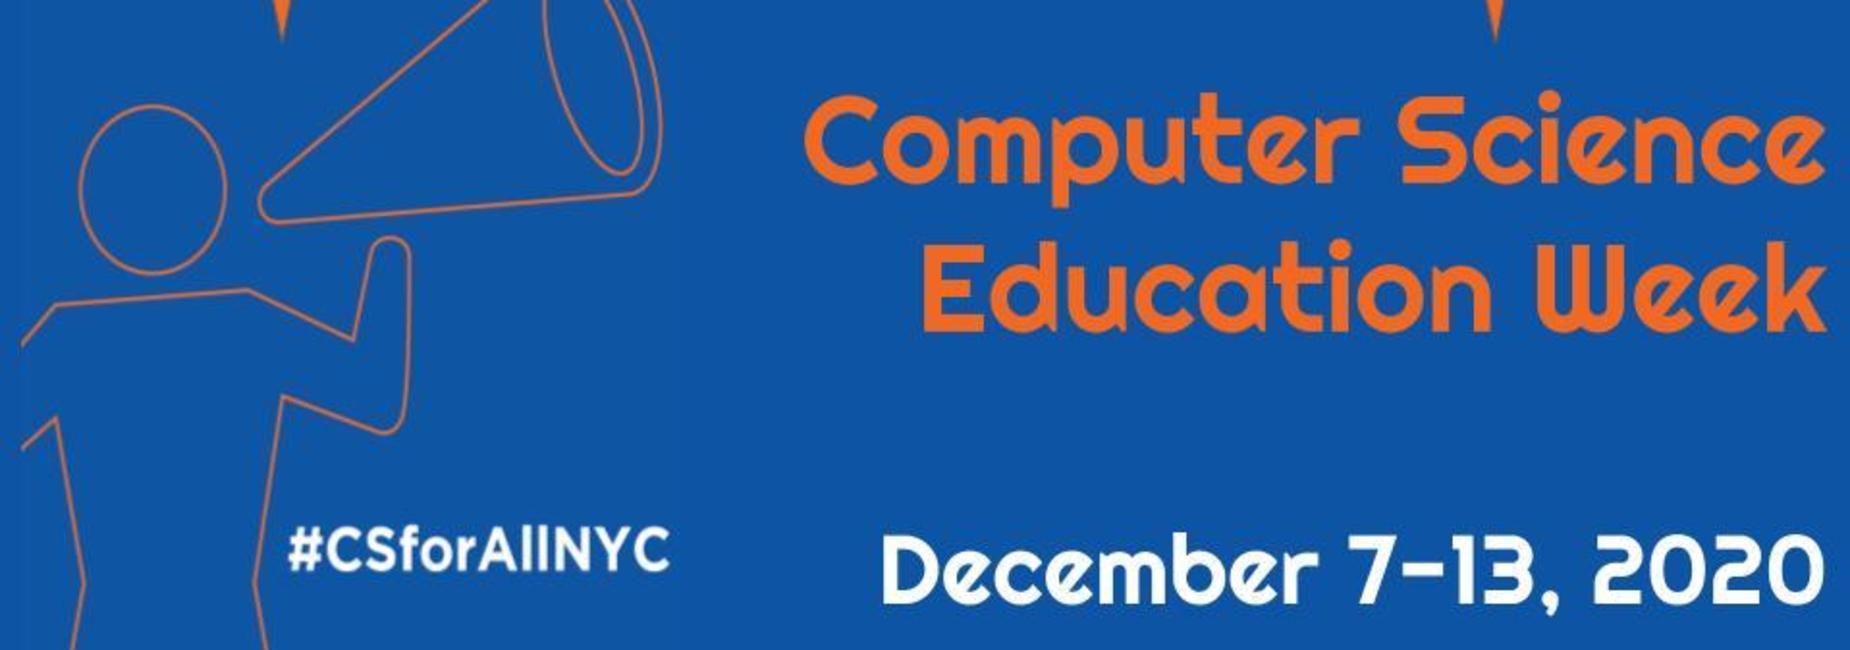 Computer Science Education Week 12/7-12/13